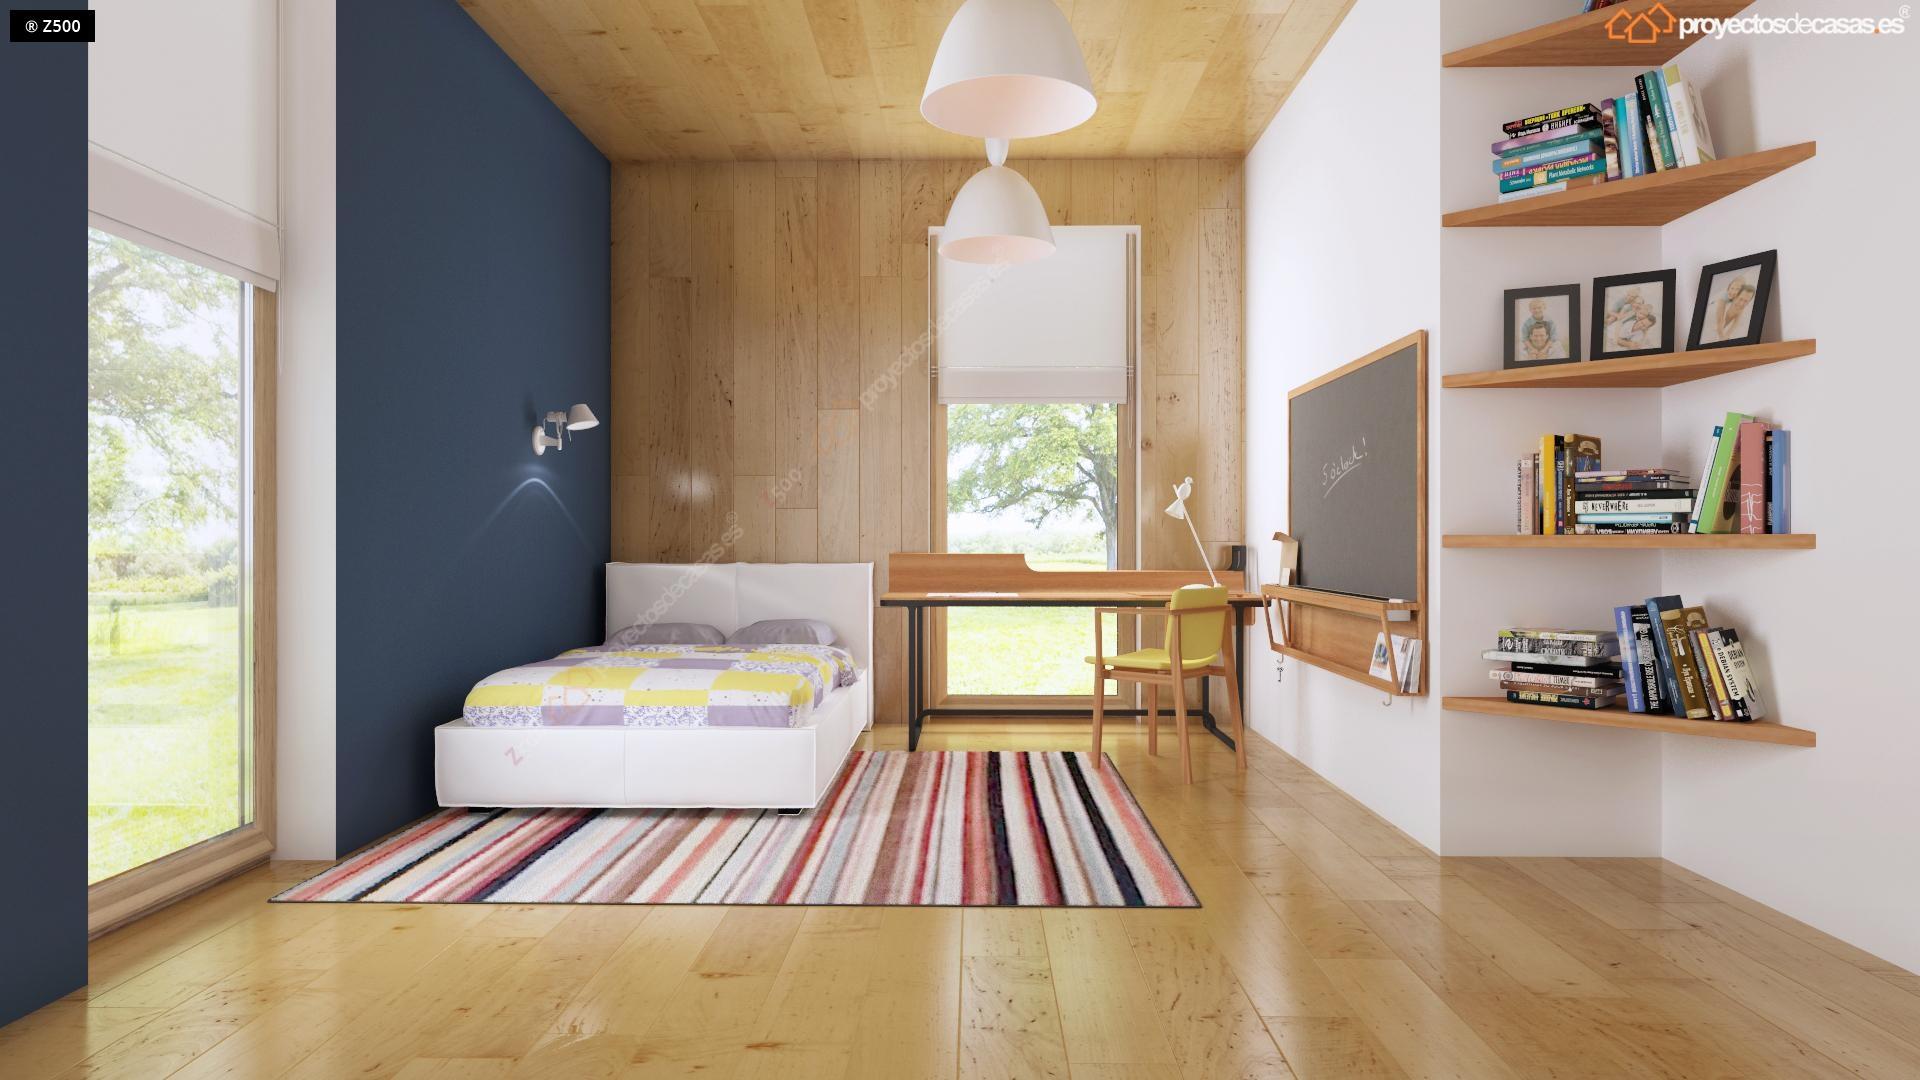 Proyectos de casas casa moderna proyectosdecasas - Constructoras murcia ...